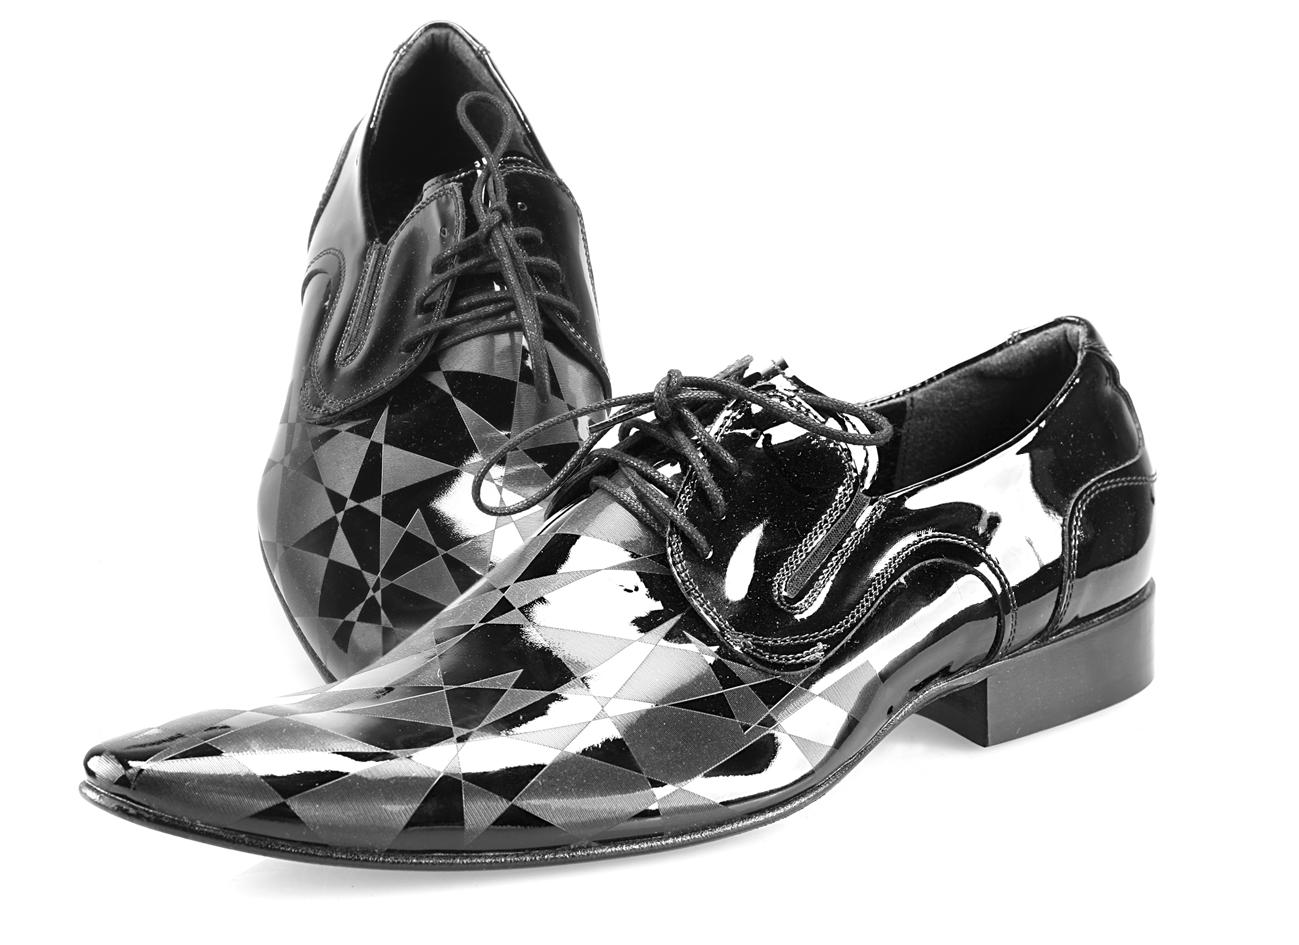 dac86937d280c TOPOBUV - Pánska spoločenská obuv 144/01 vernice laser